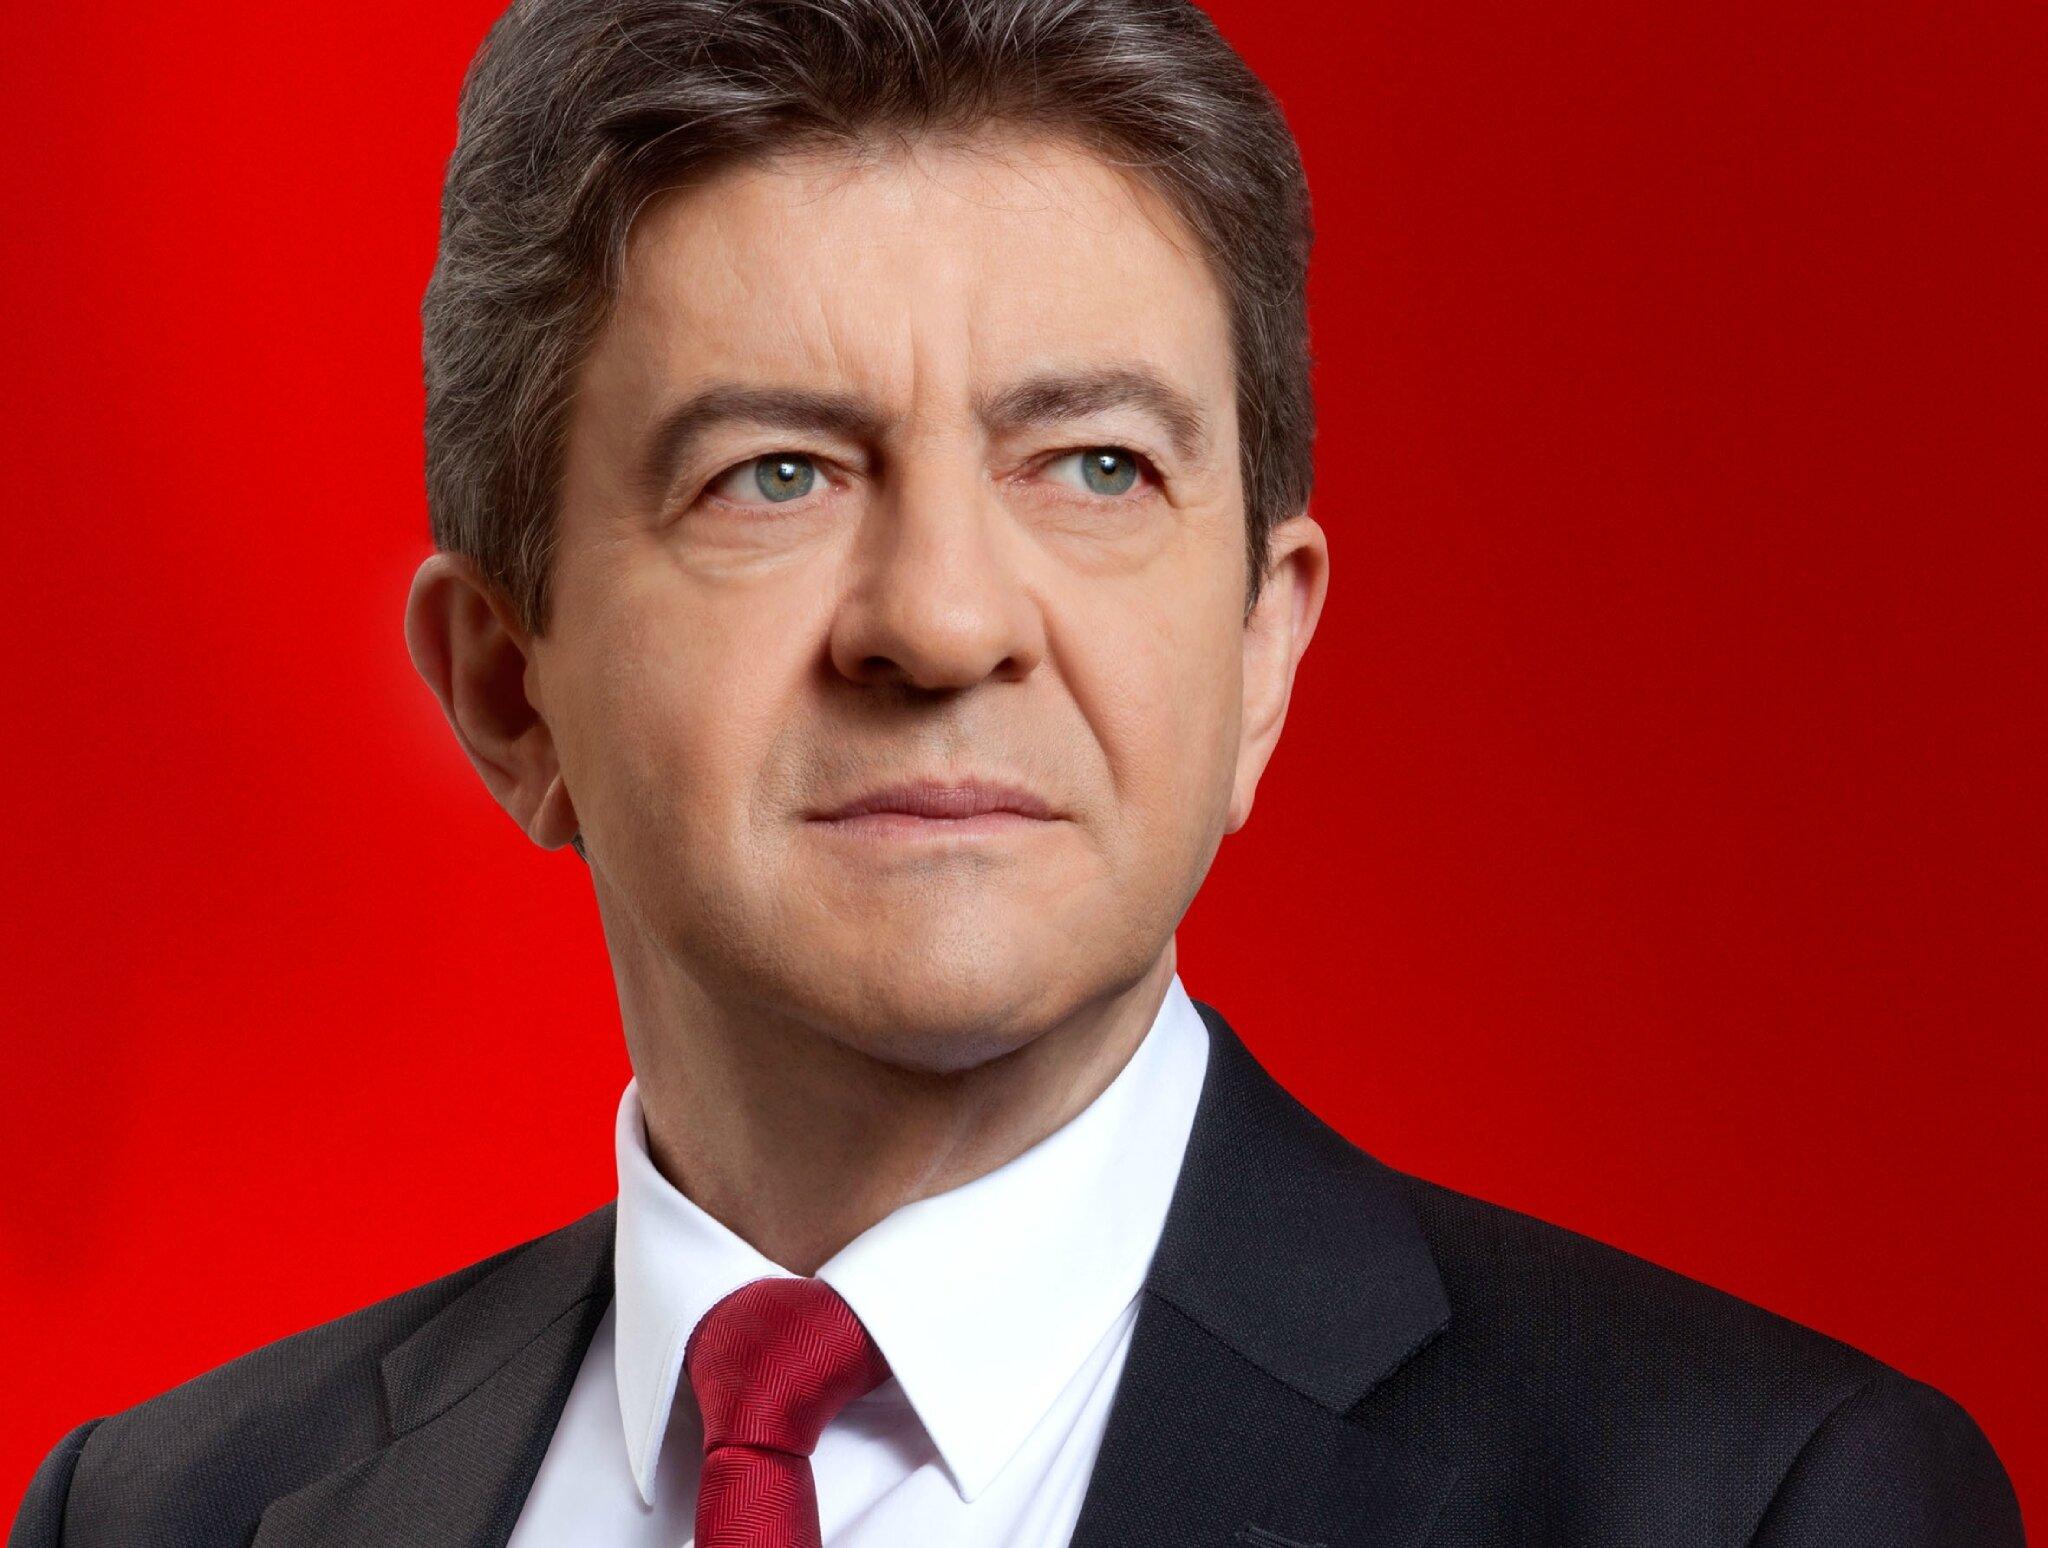 फ्रान्सका कट्टर वामपन्थी नेता र उनको घोषणा पत्र